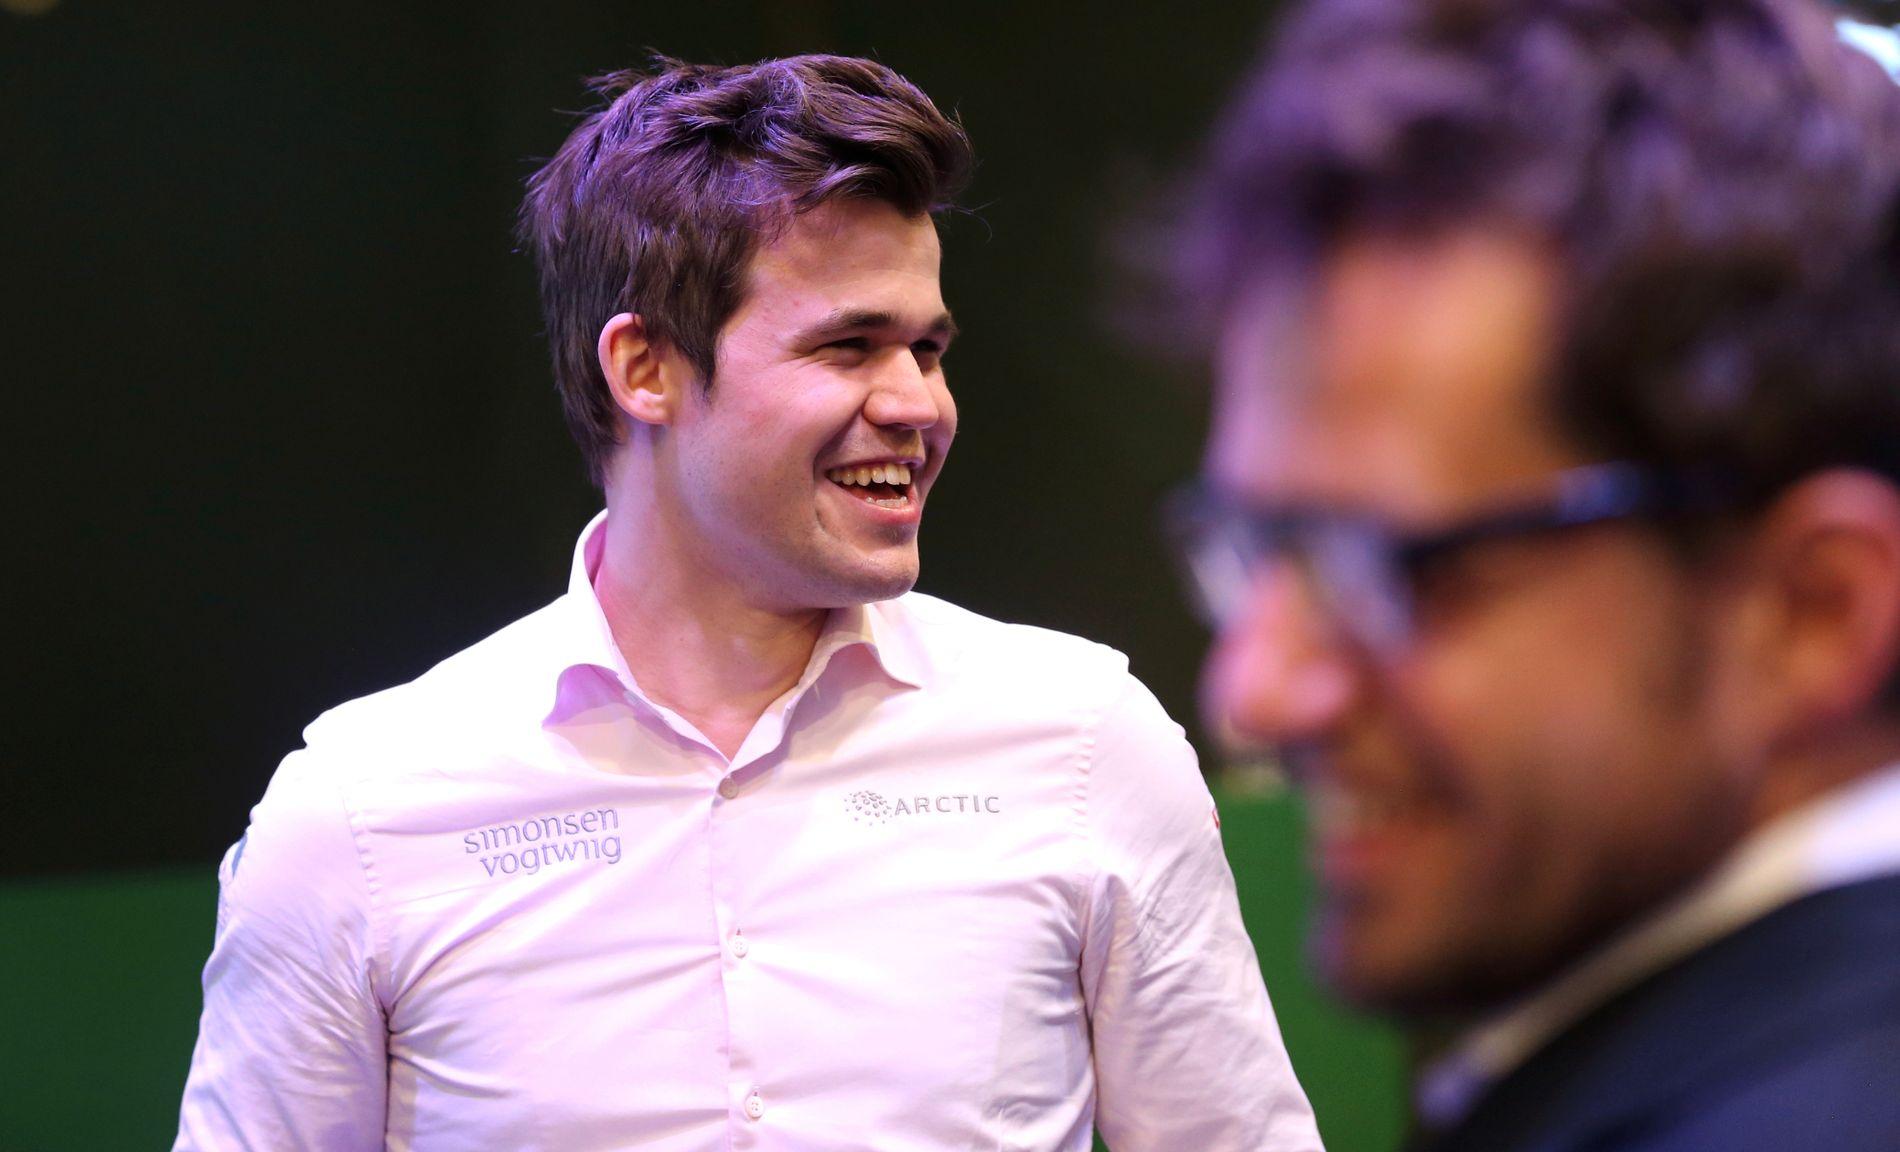 GODE BUSSER: Magnus Carlsen gliser, det samme gjør Levon Aronian (th.) under VM i lynsjakk. Nordmannen vil gjerne møte armeneren i VM i november.